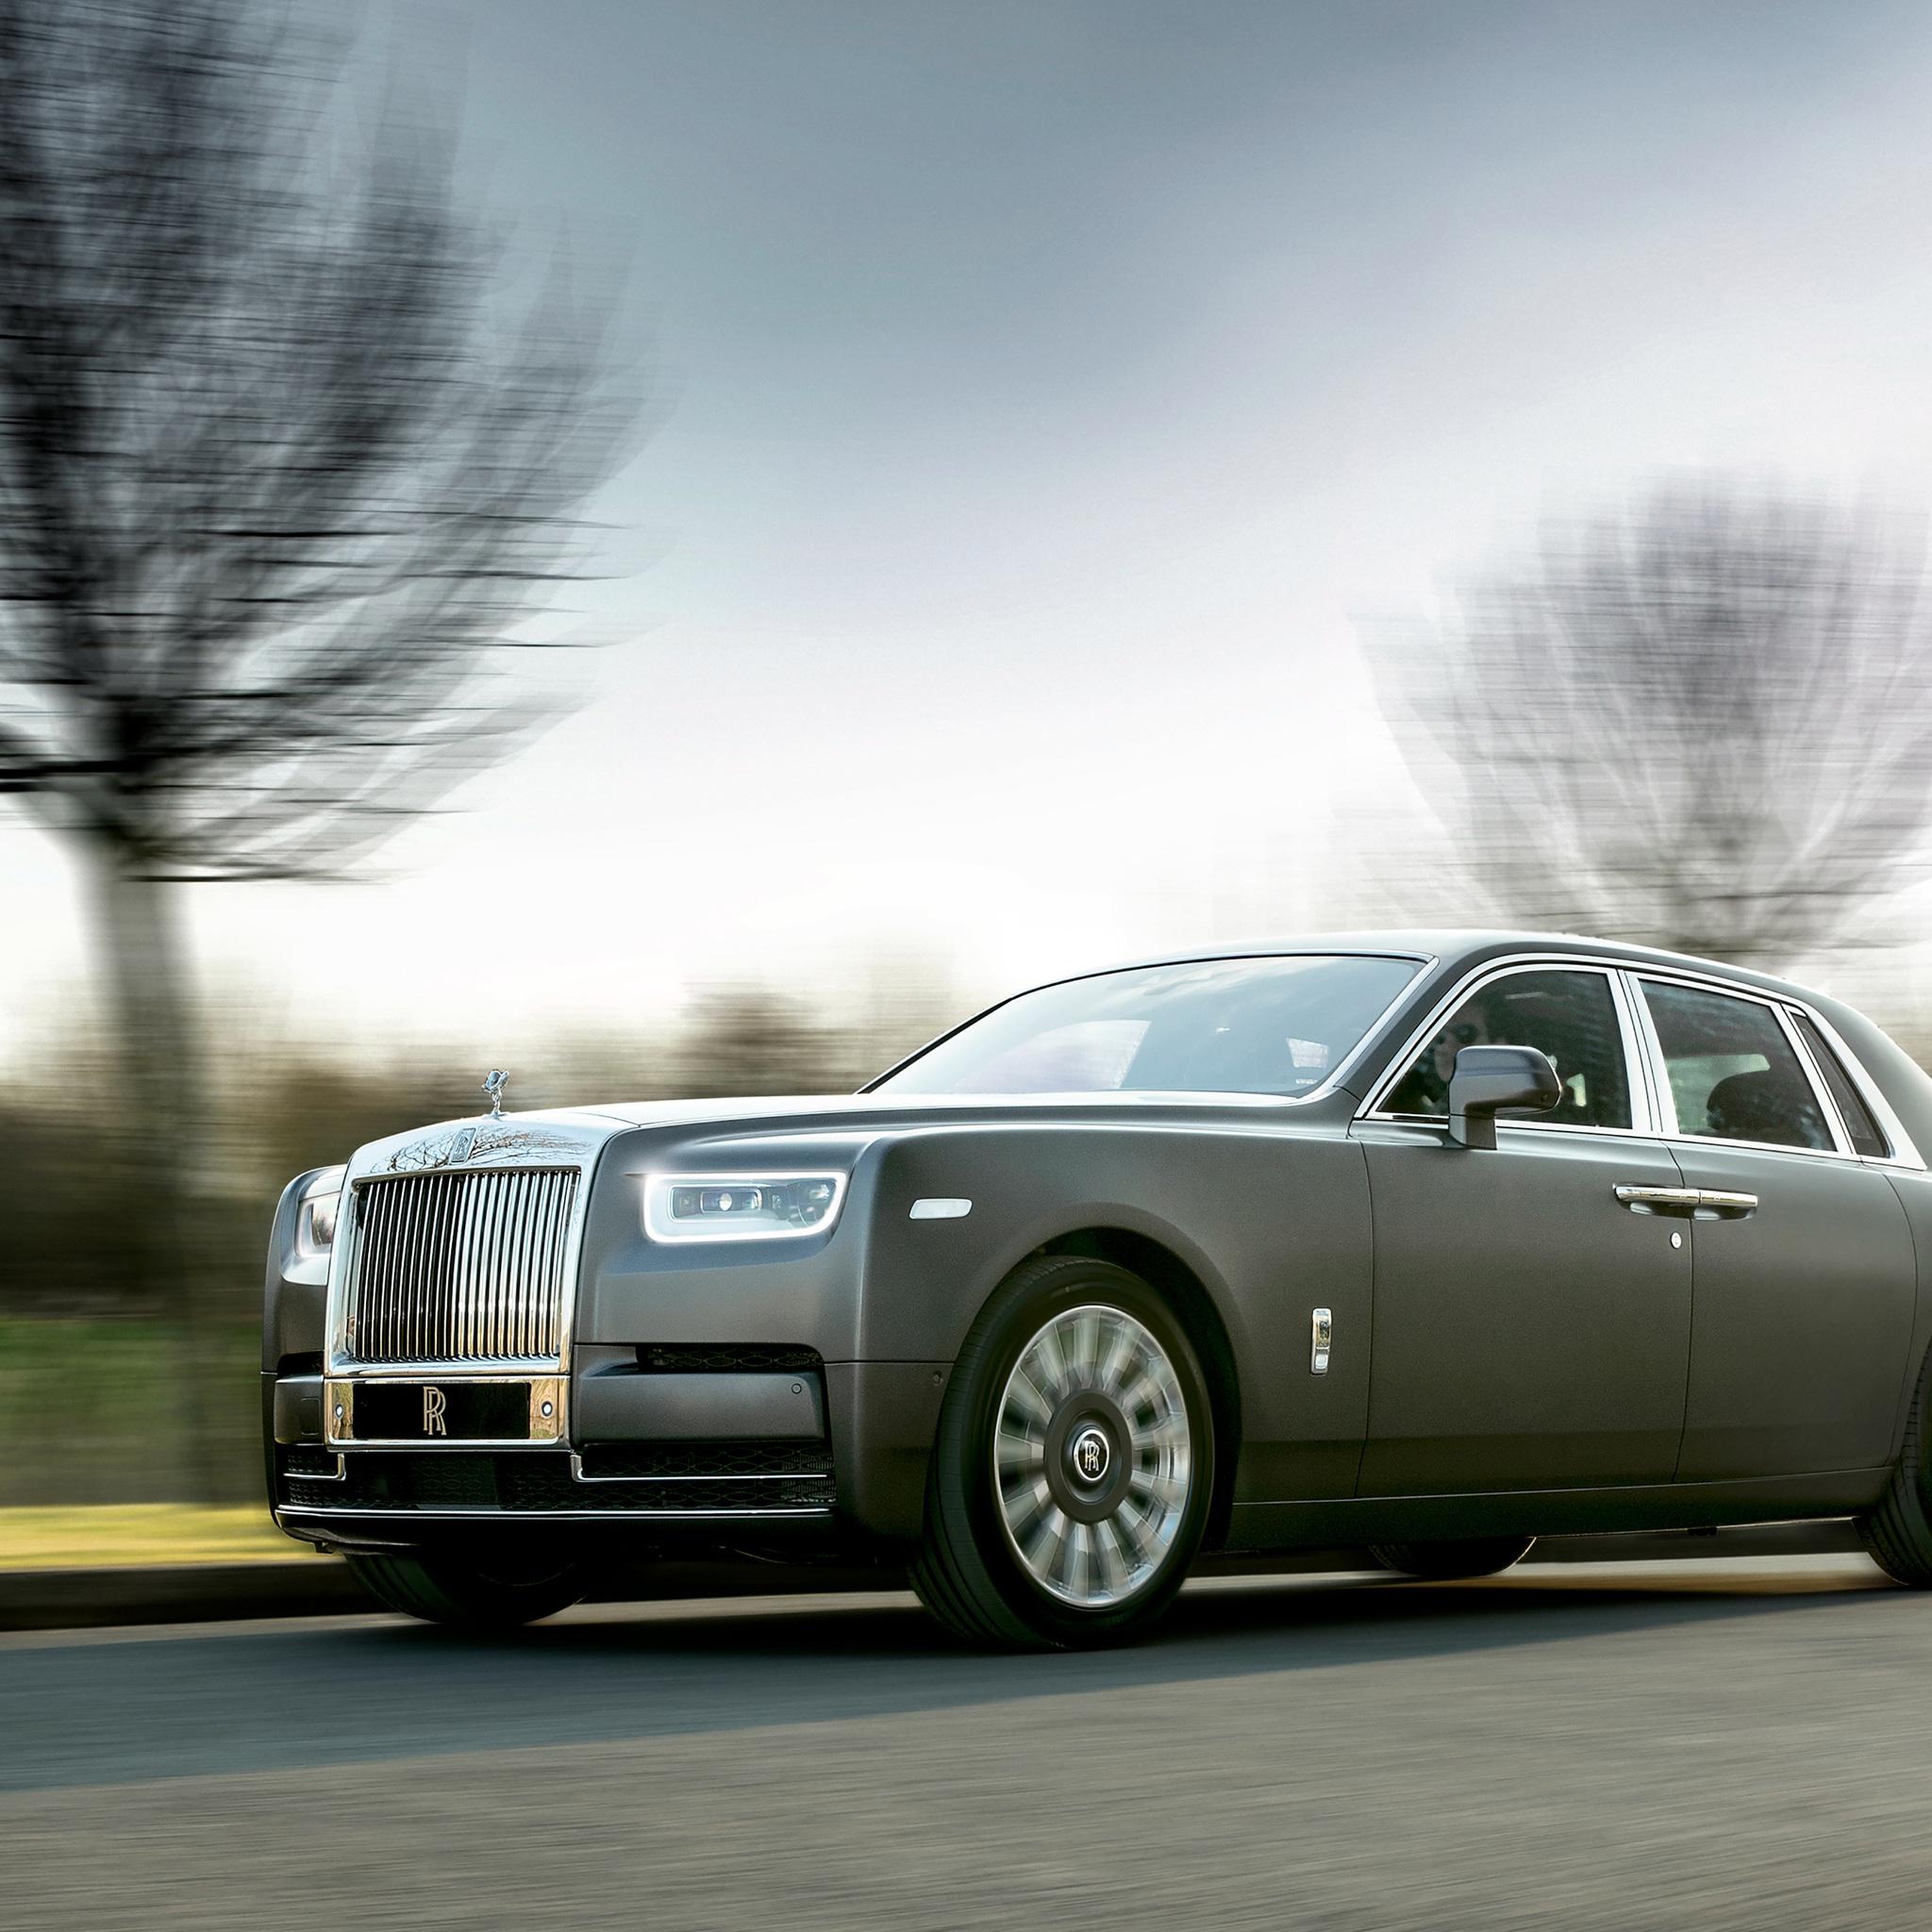 2048x2048 2018 Rolls Royce Phantom The Gentlemans Tourer